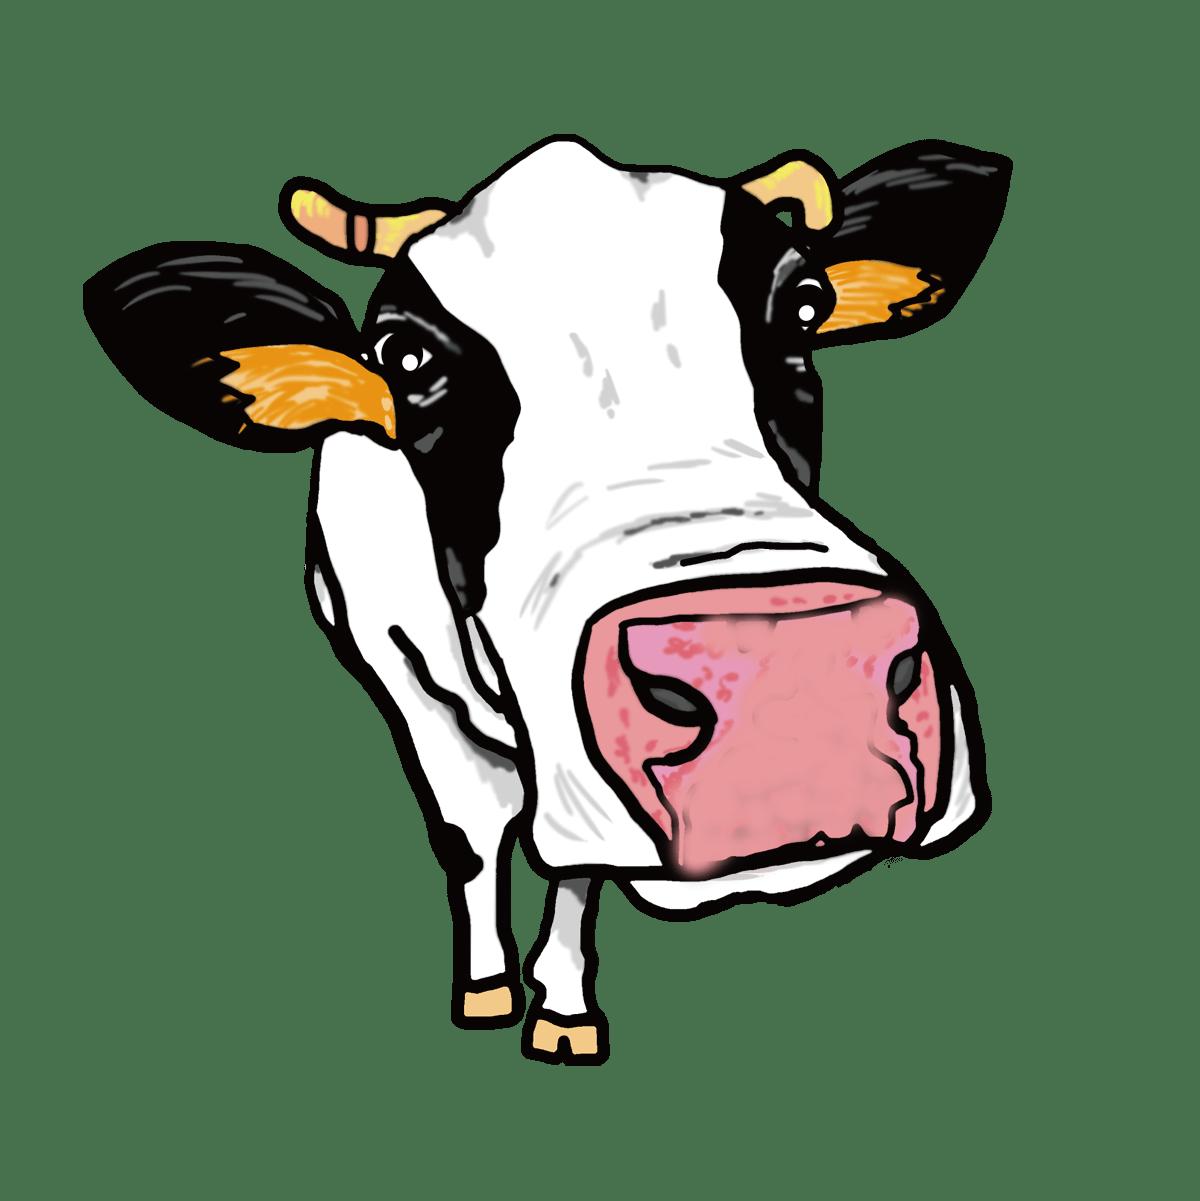 牛 の イラスト 年賀状